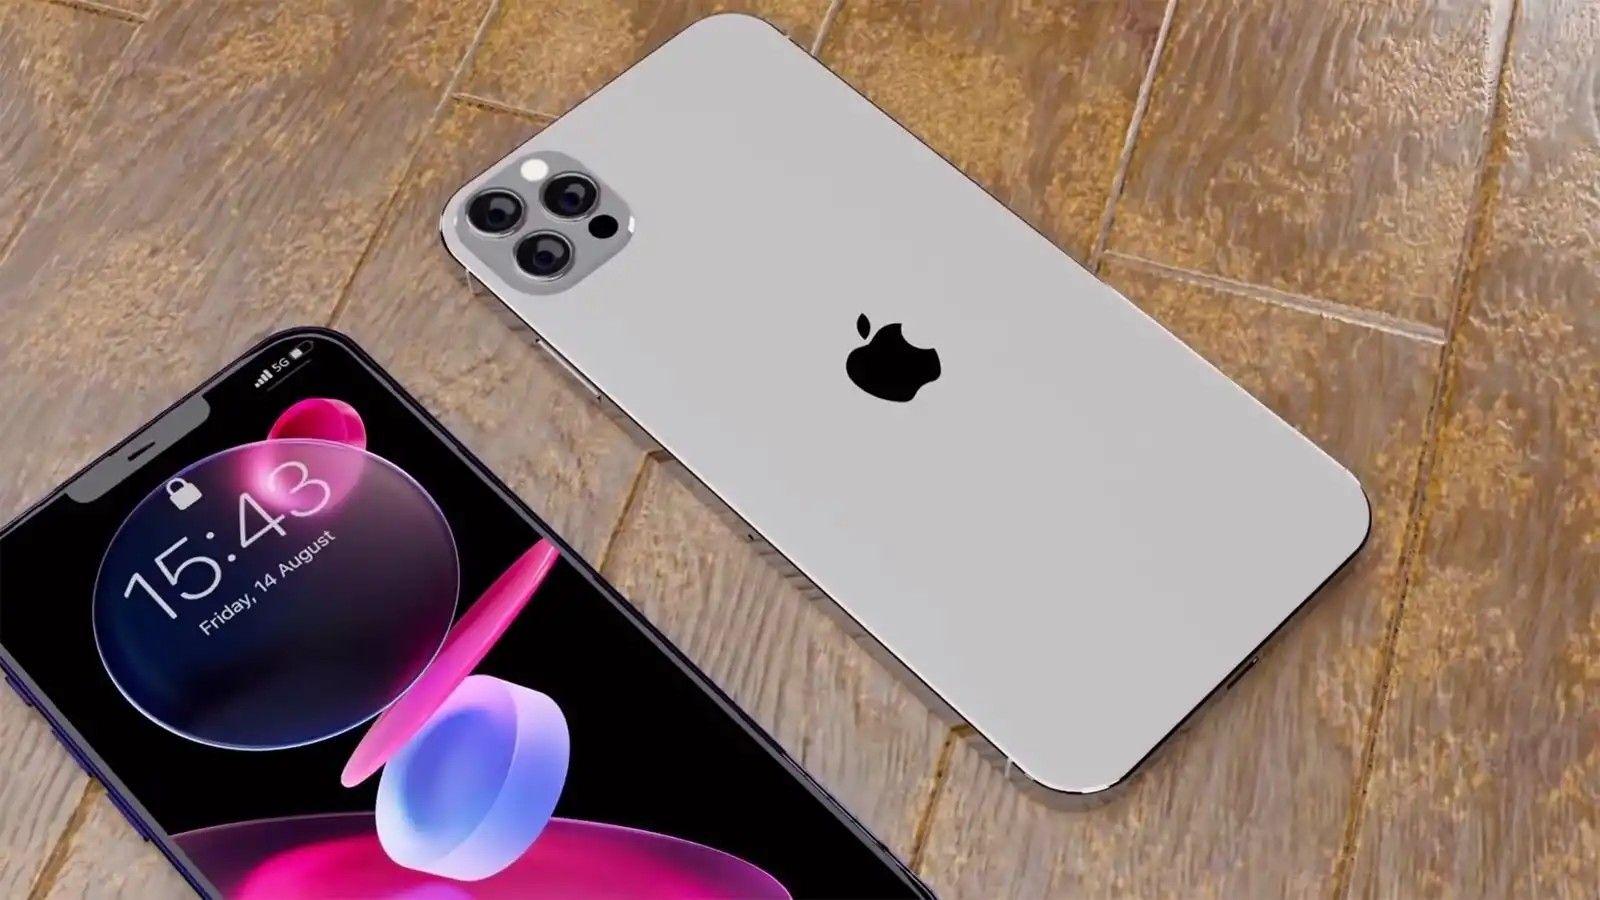 سعر ومواصفات هاتف آيفون 12 برو Iphone 12 Pro Iphone Apple Iphone Free Iphone